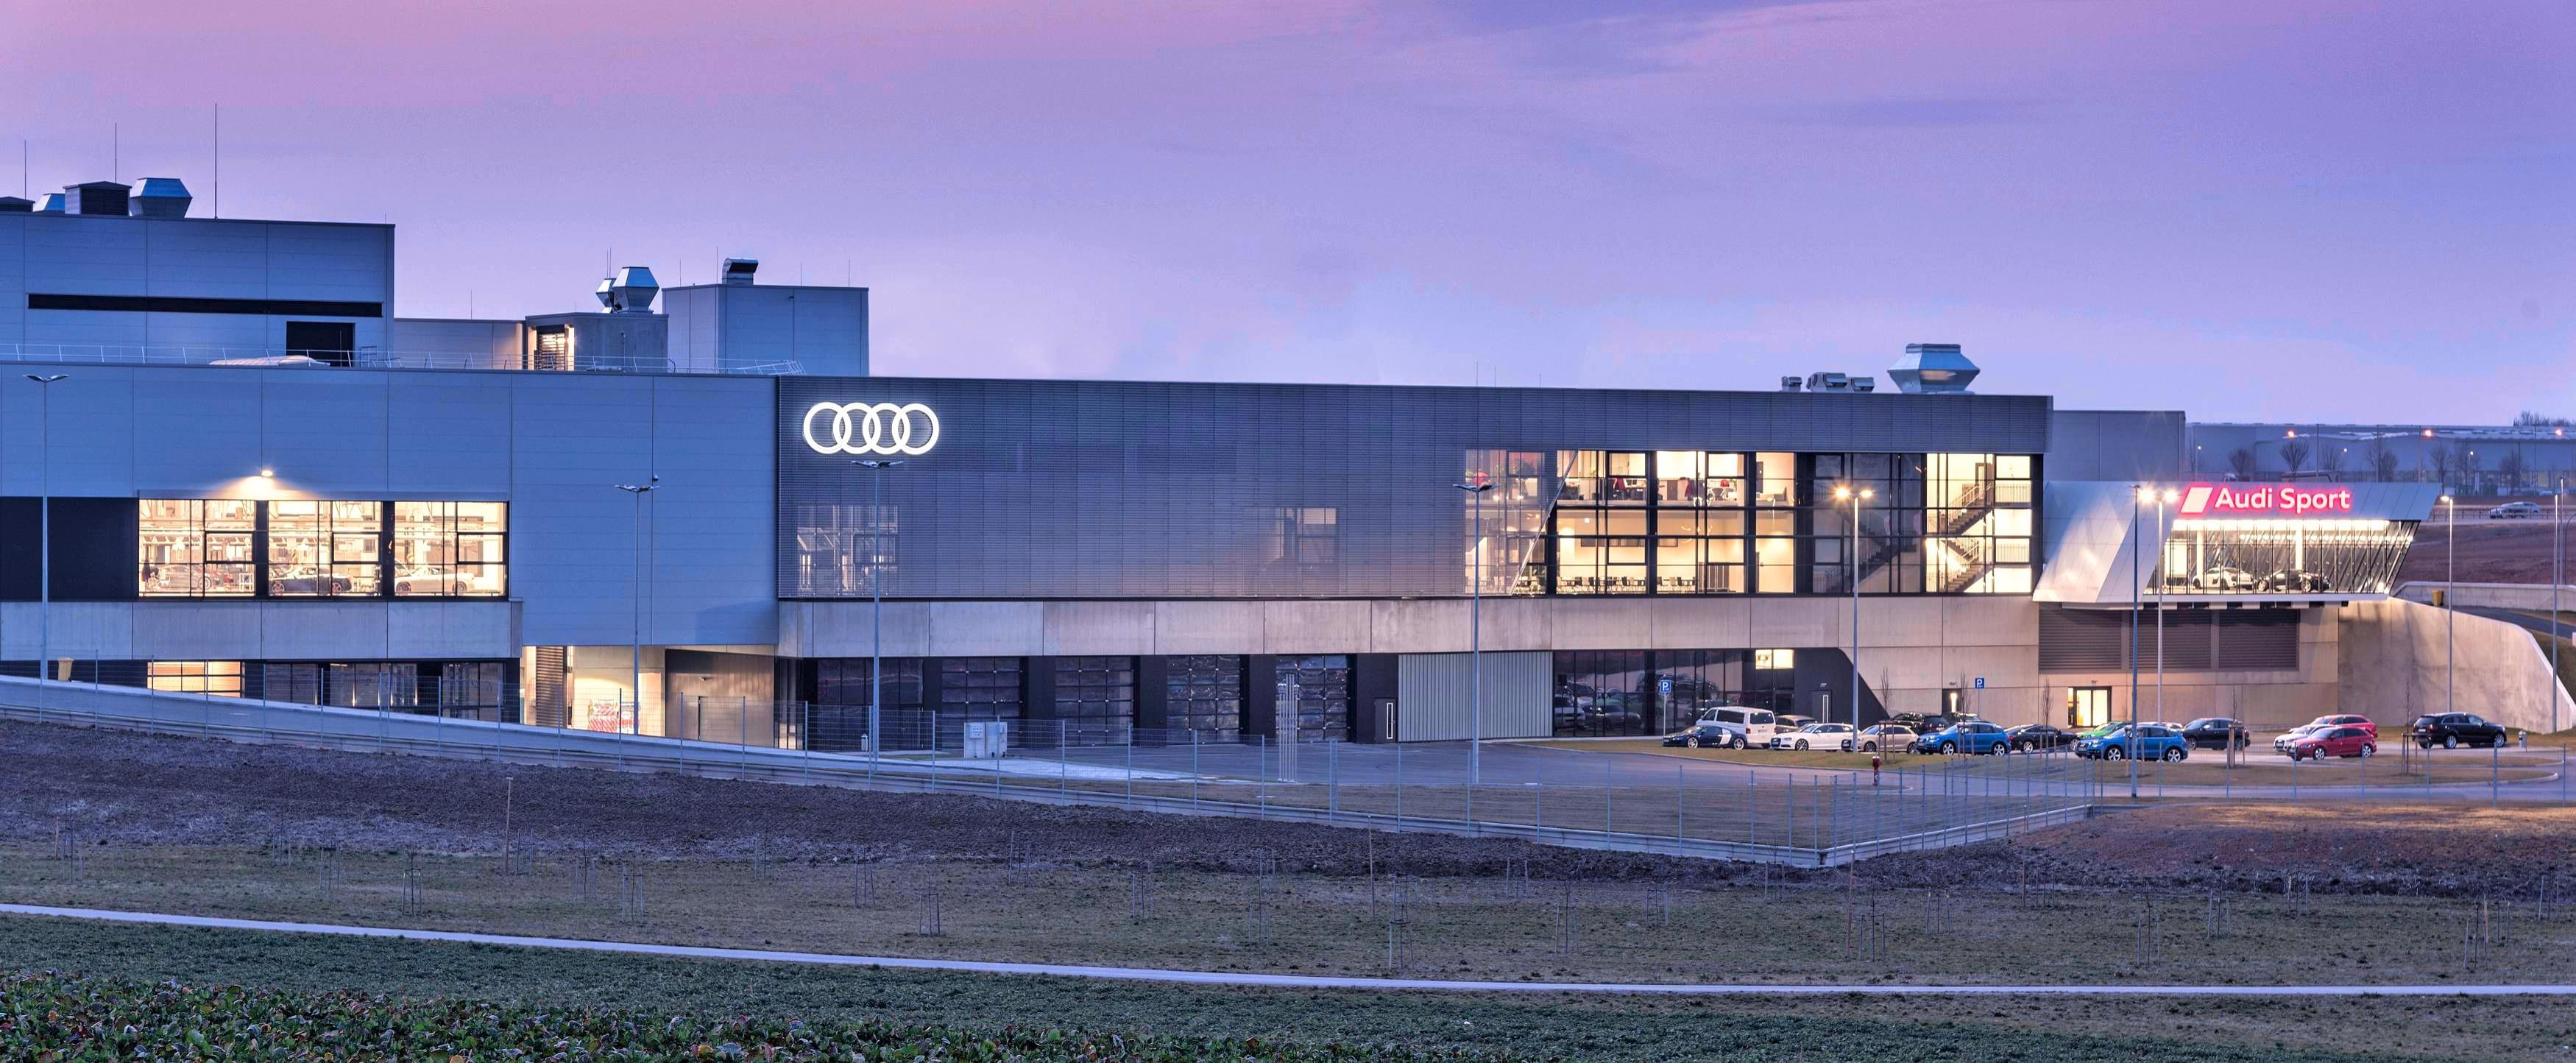 Bei Audi Neckarsulm wurde jetzt das zweite Jahr des Inklusionsmodells beendet. Elf Schülerinnen und Schüler erhielten ein Teilnahme-Zertifikat. Foto: privat